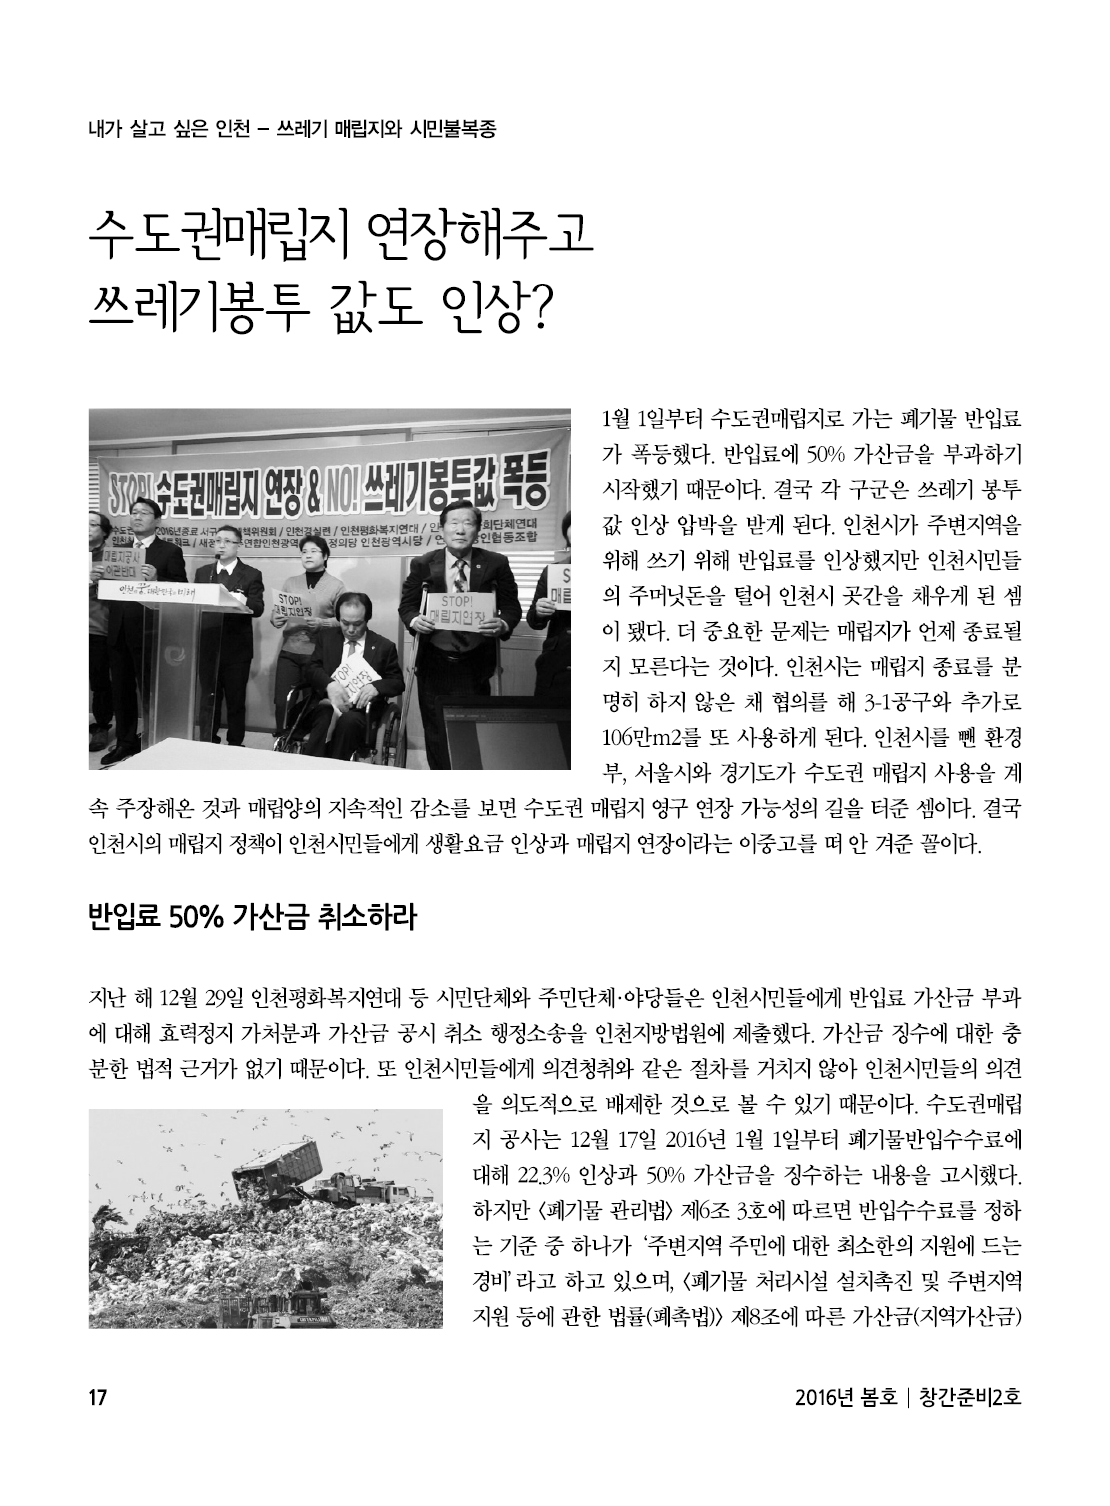 아웃라인 인천평화복지연대 창간준비2호17.jpg